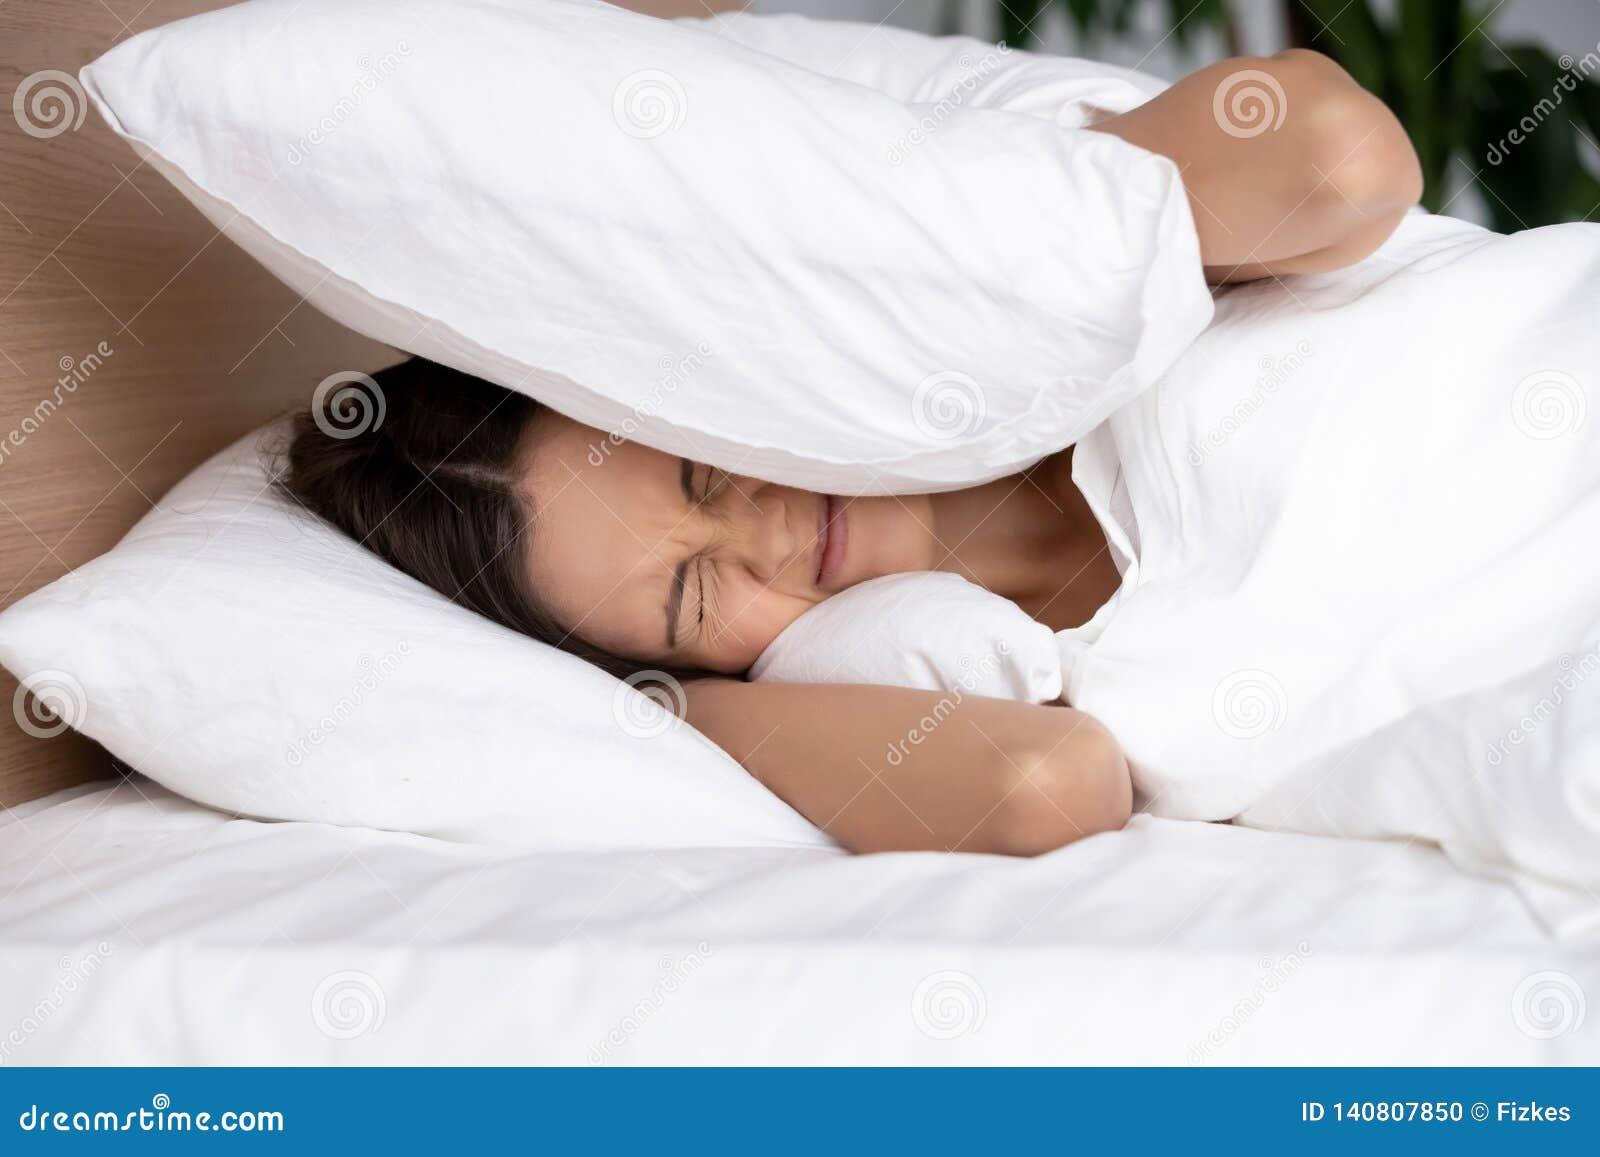 盖耳朵的懊恼年轻女人用枕头,遭受噪声